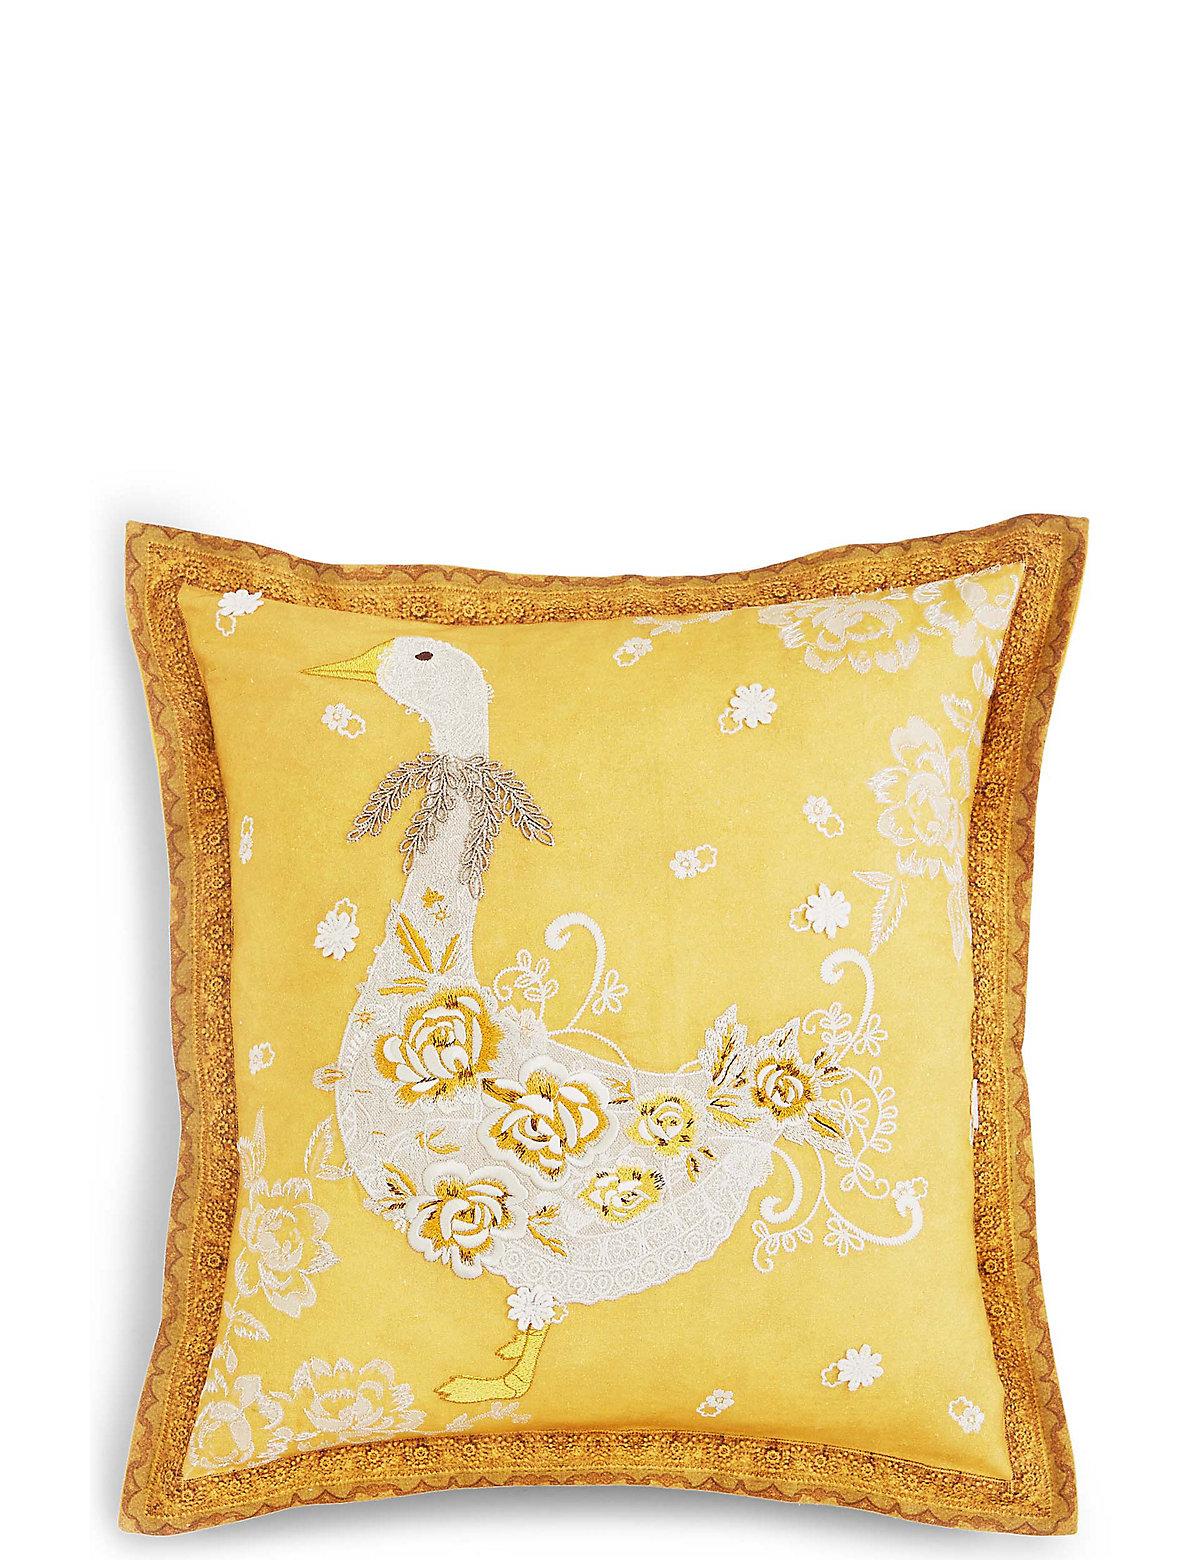 Lace Appliqué Goose Cushion.